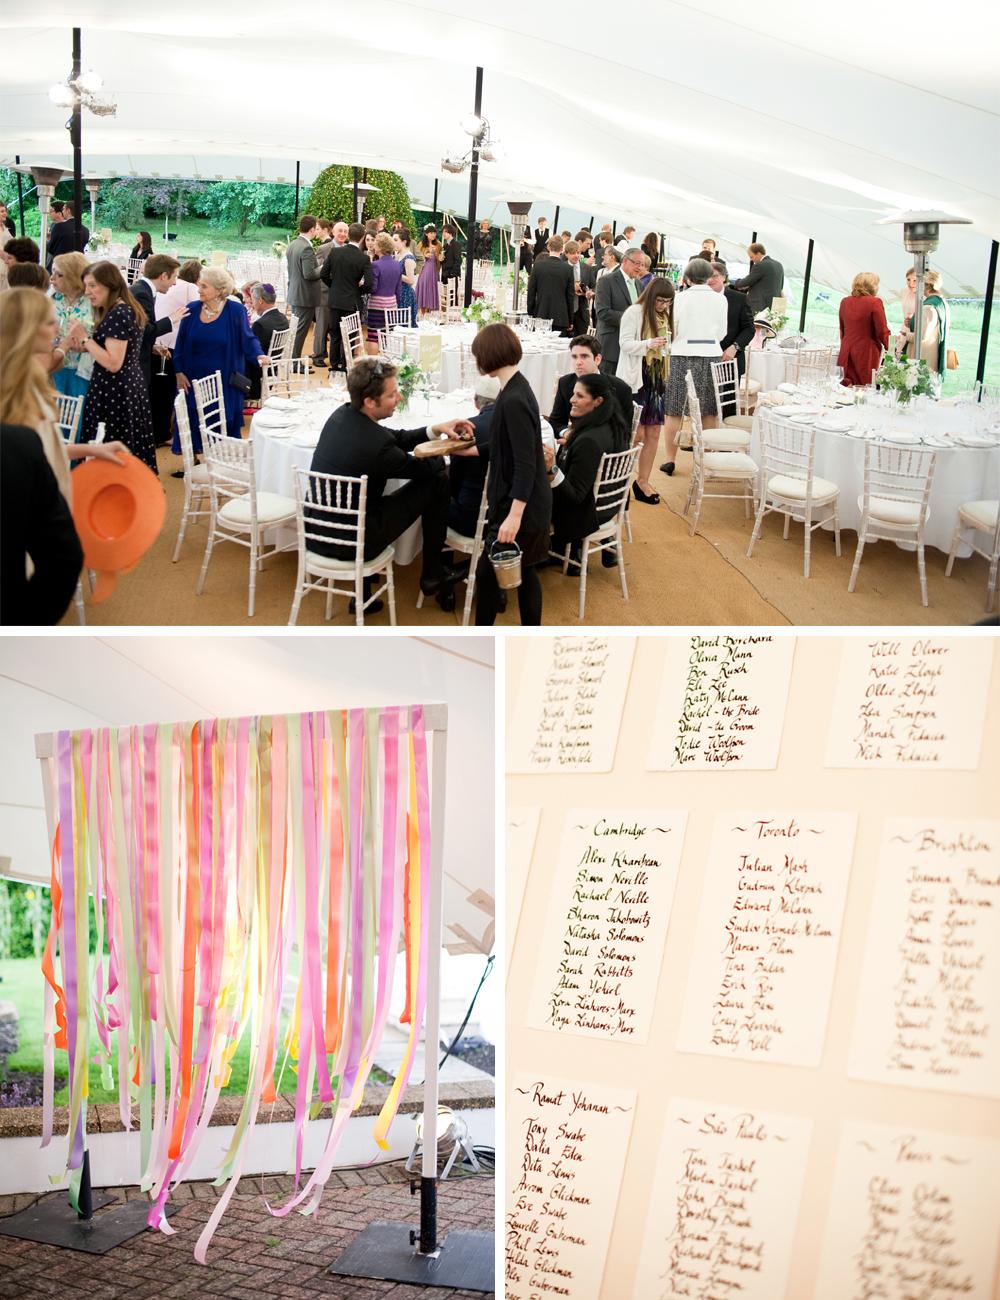 LONDON JEWISH WEDDING DIY 2